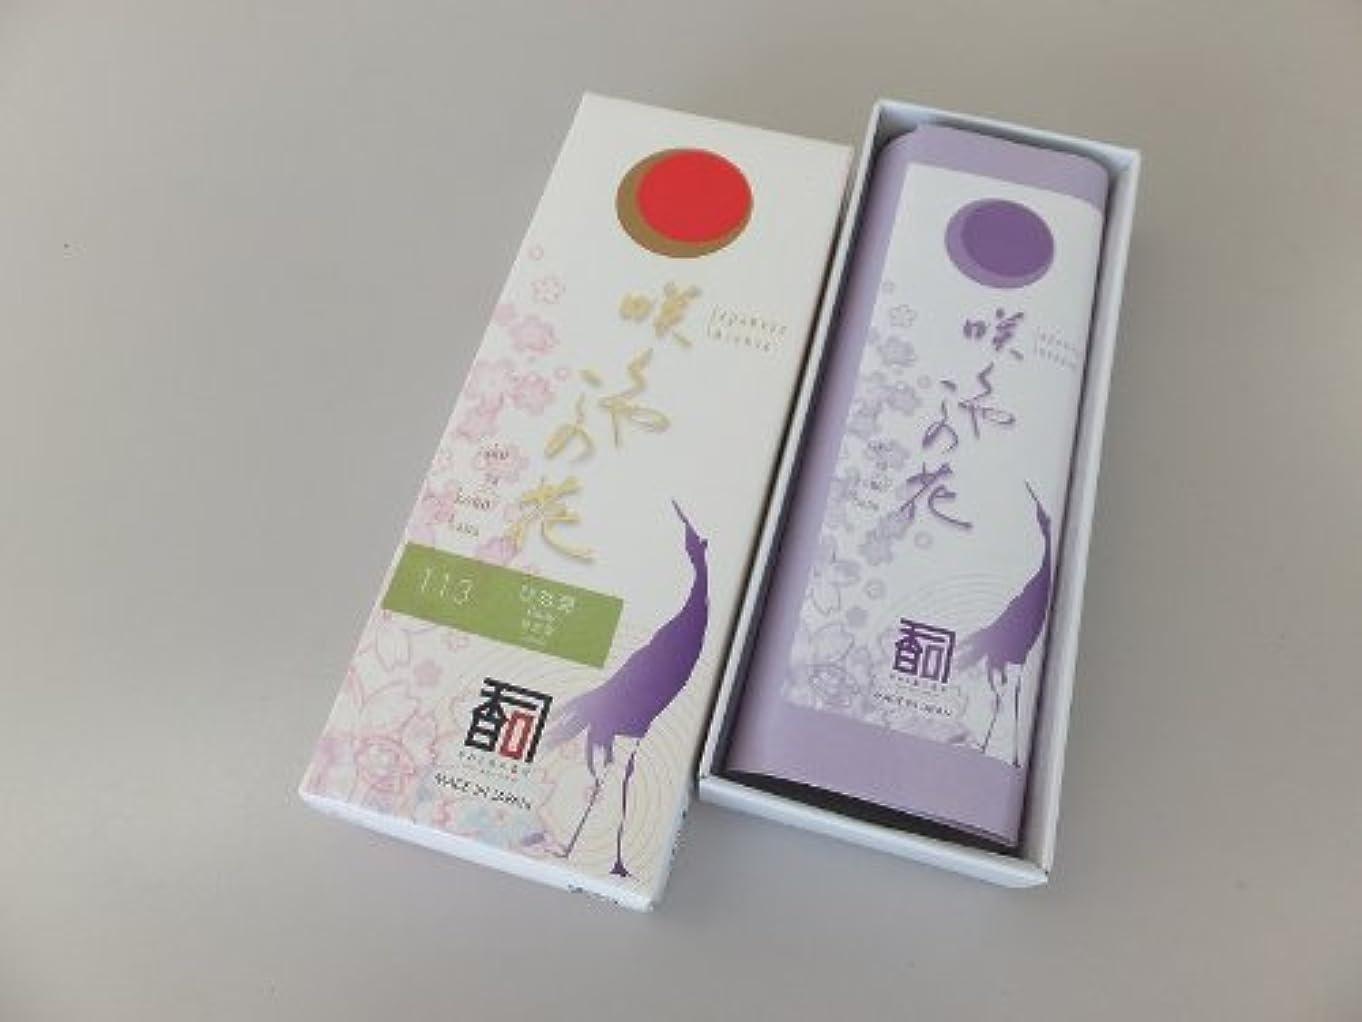 みぞれ椅子ジム「あわじ島の香司」 日本の香りシリーズ  [咲くや この花] 【113】 ひな菊 (有煙)